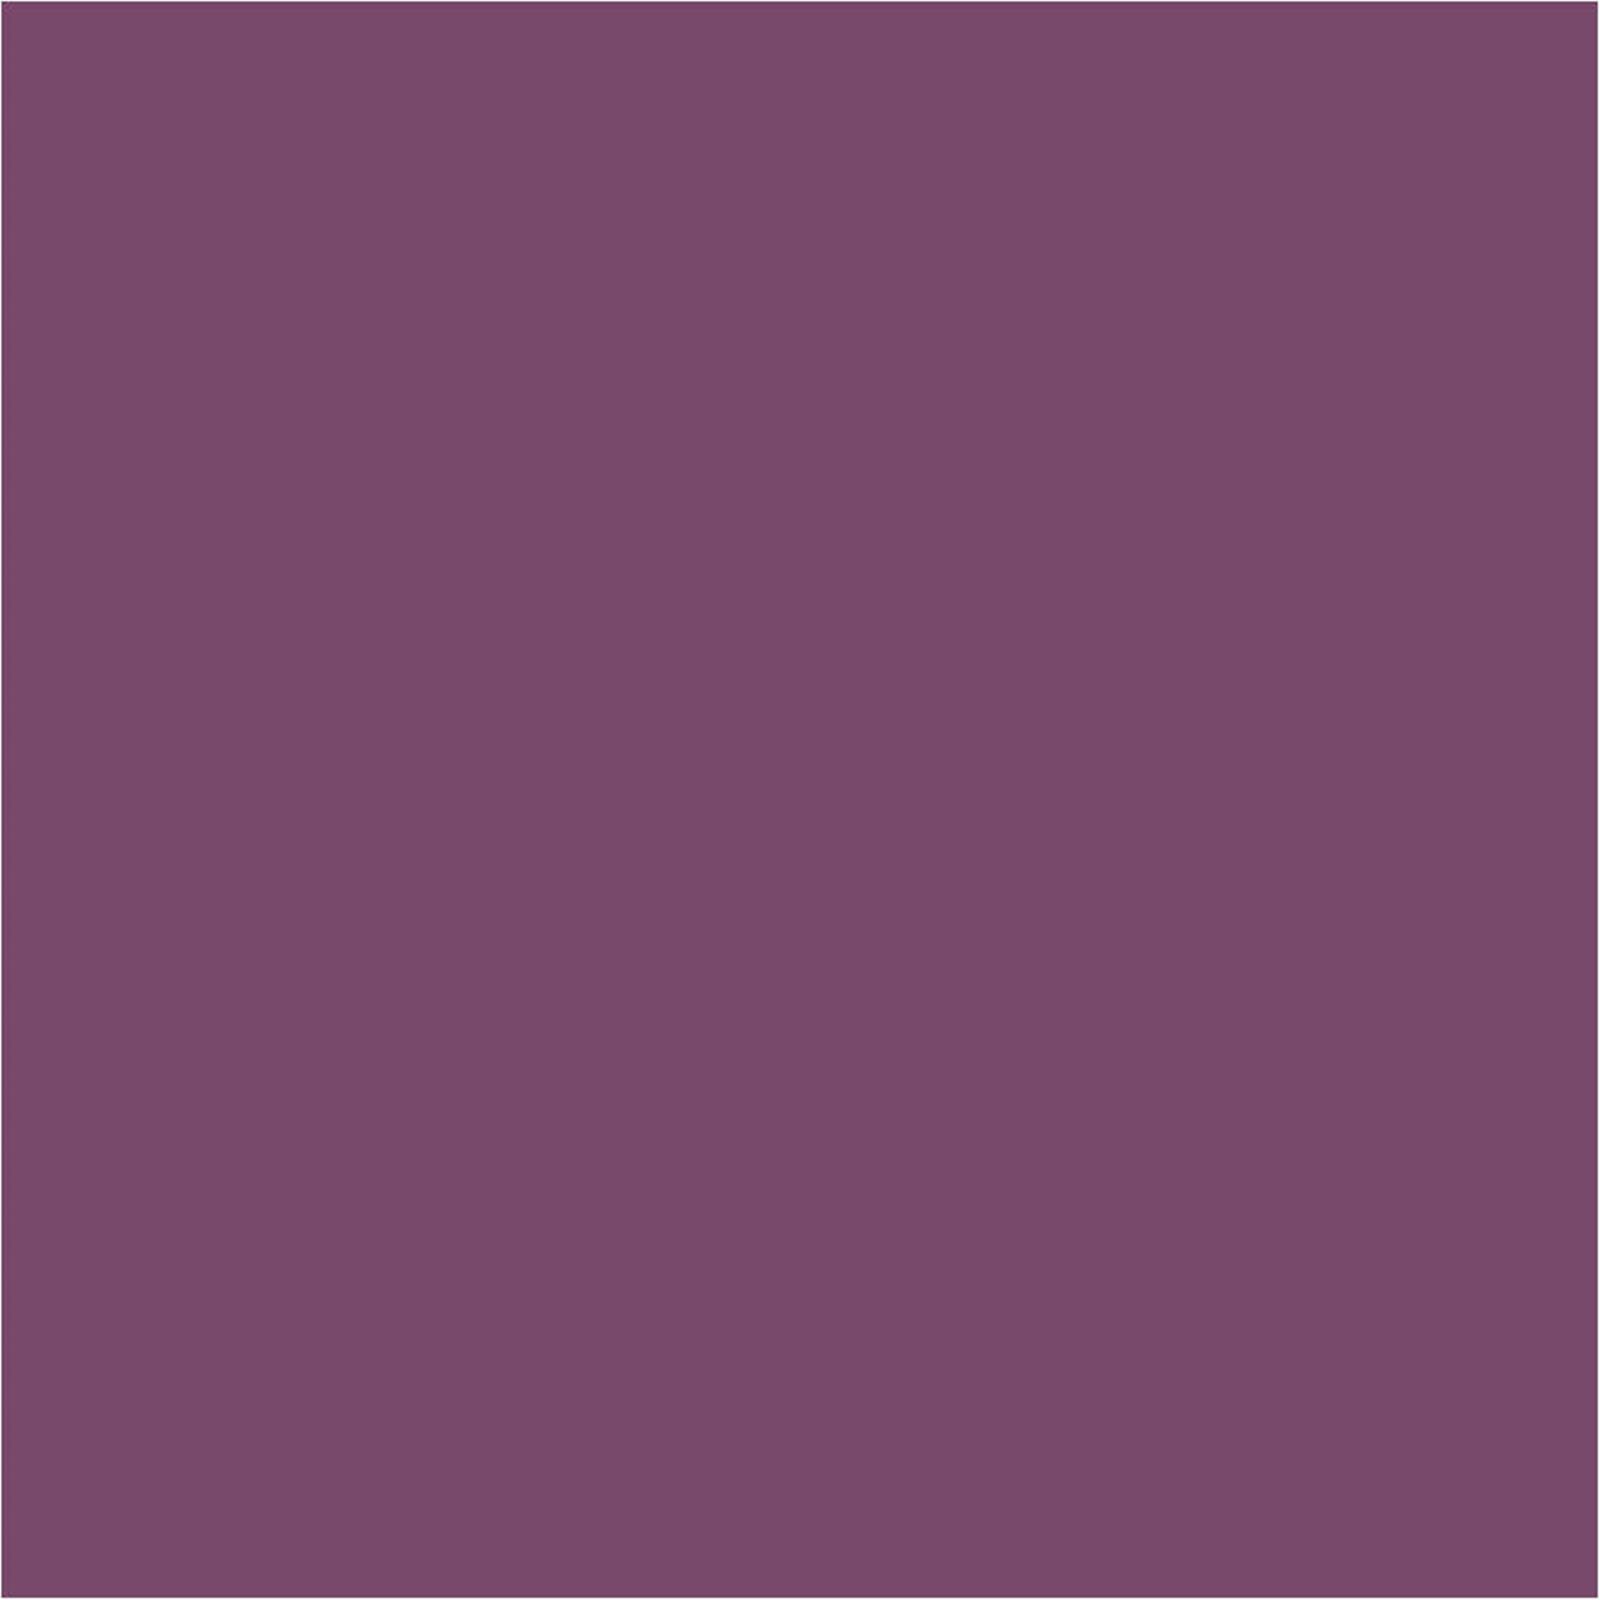 violet creamy